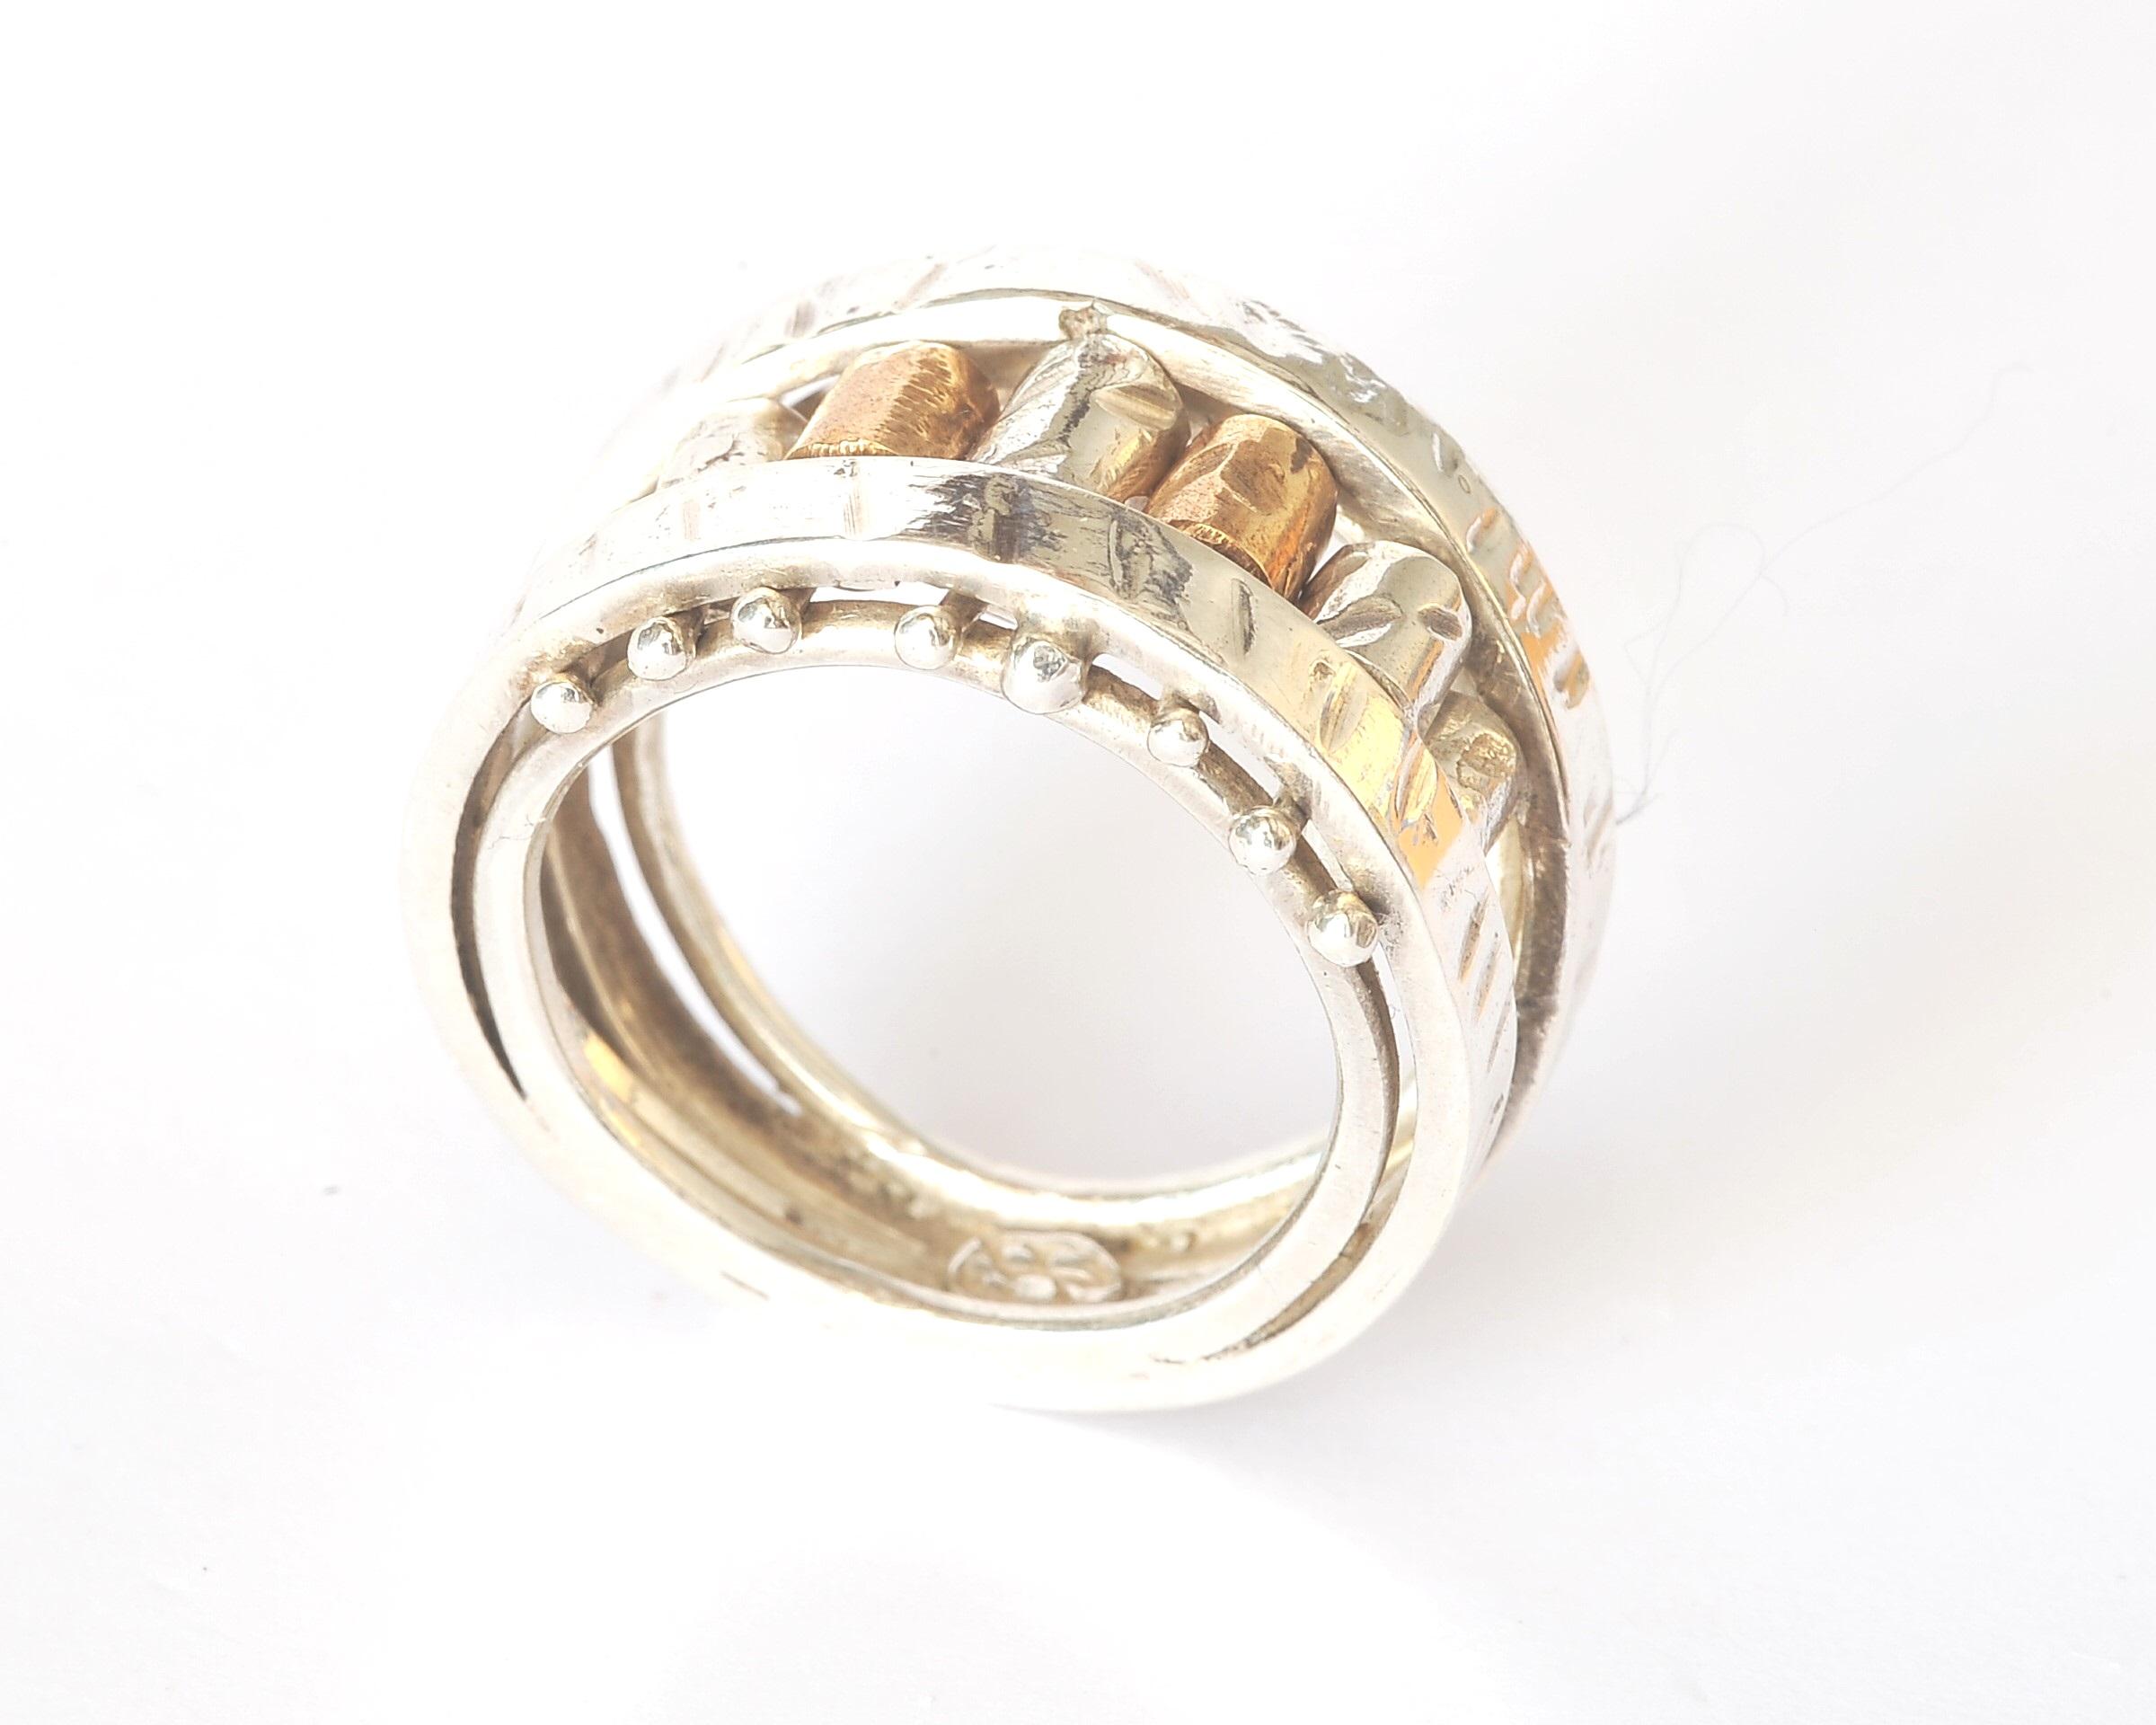 Tubicini Ring